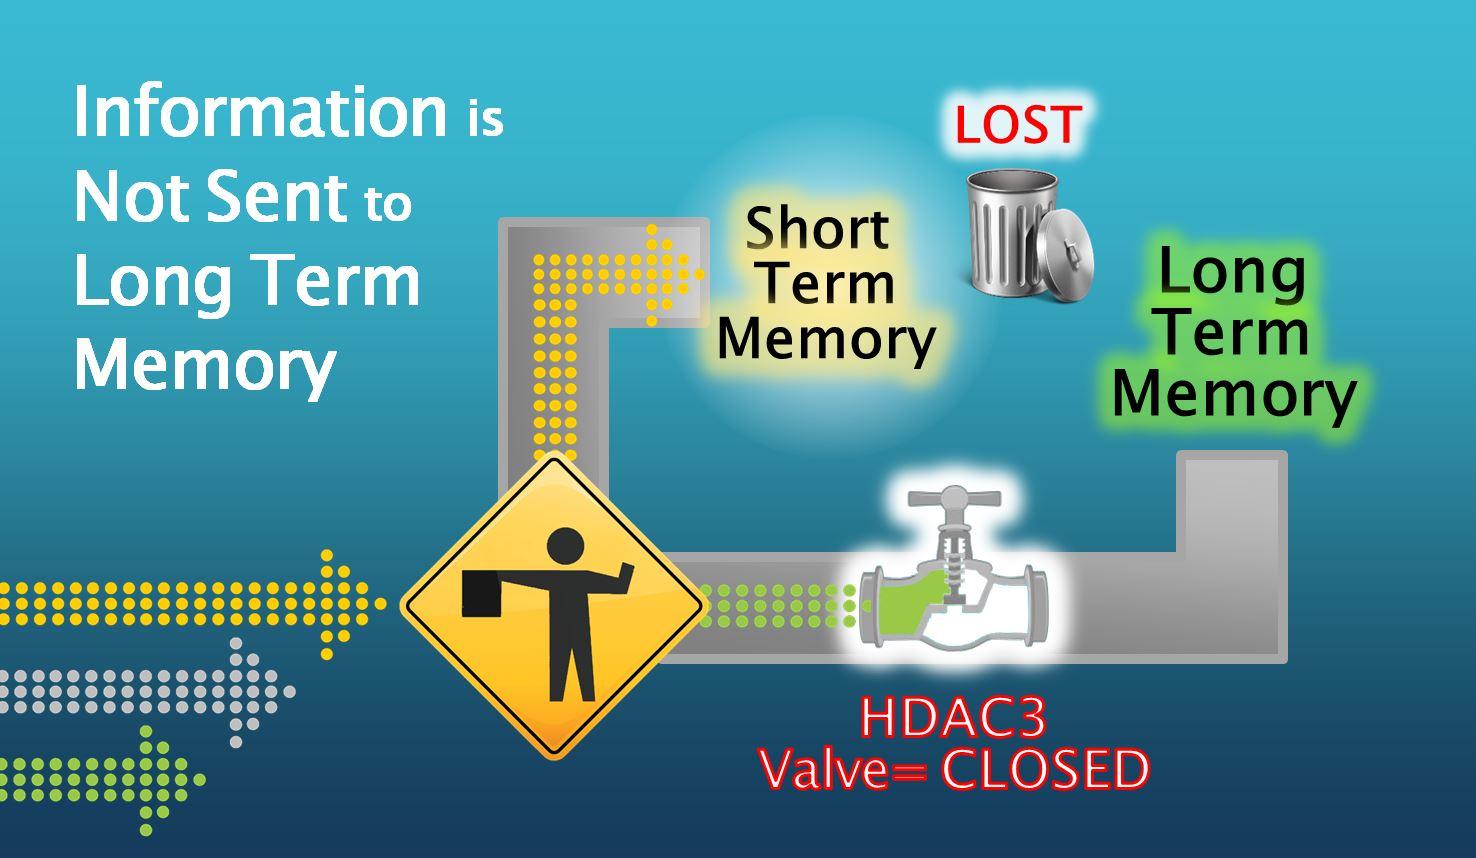 Valve Closed to LTM